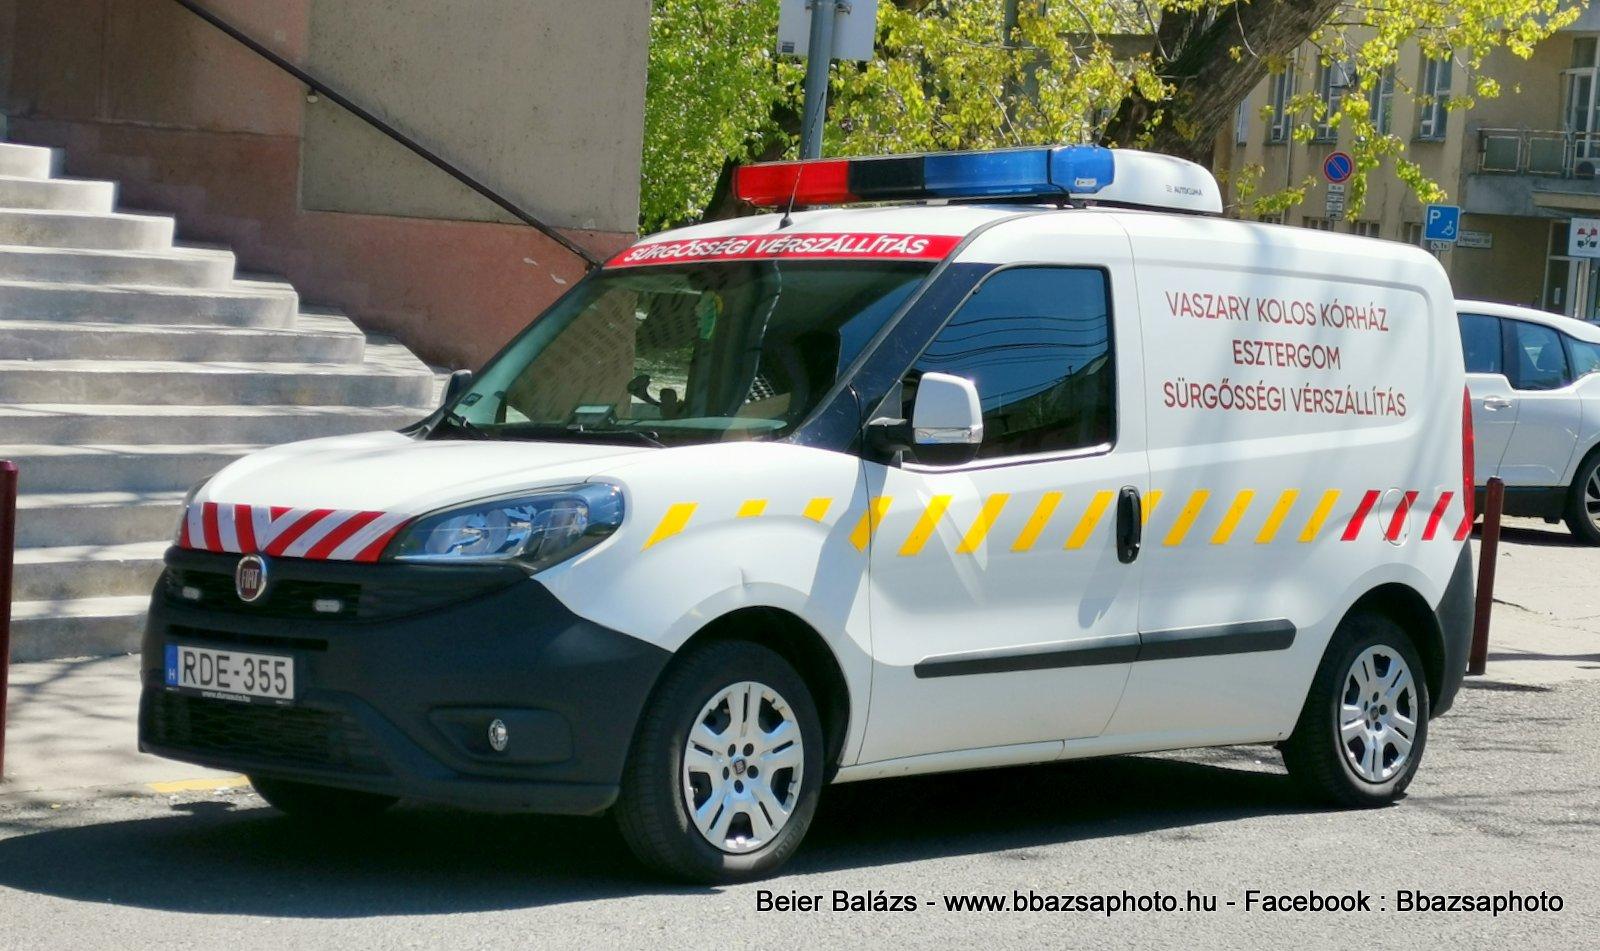 Fiat Doblo – Vaszary Kolos